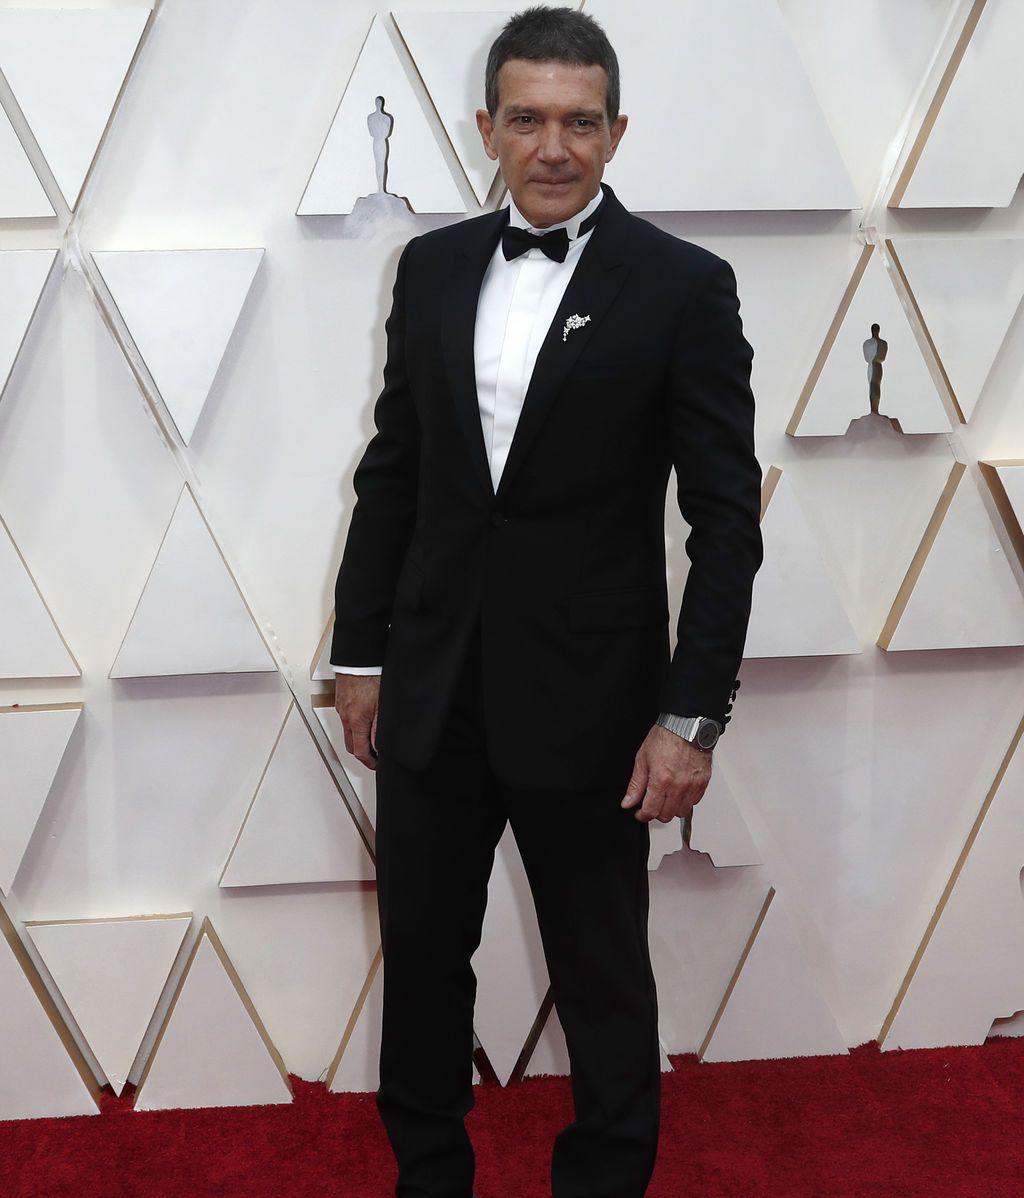 Antonio Banderas posa en la alfombra roja de los Premios Óscar 2020